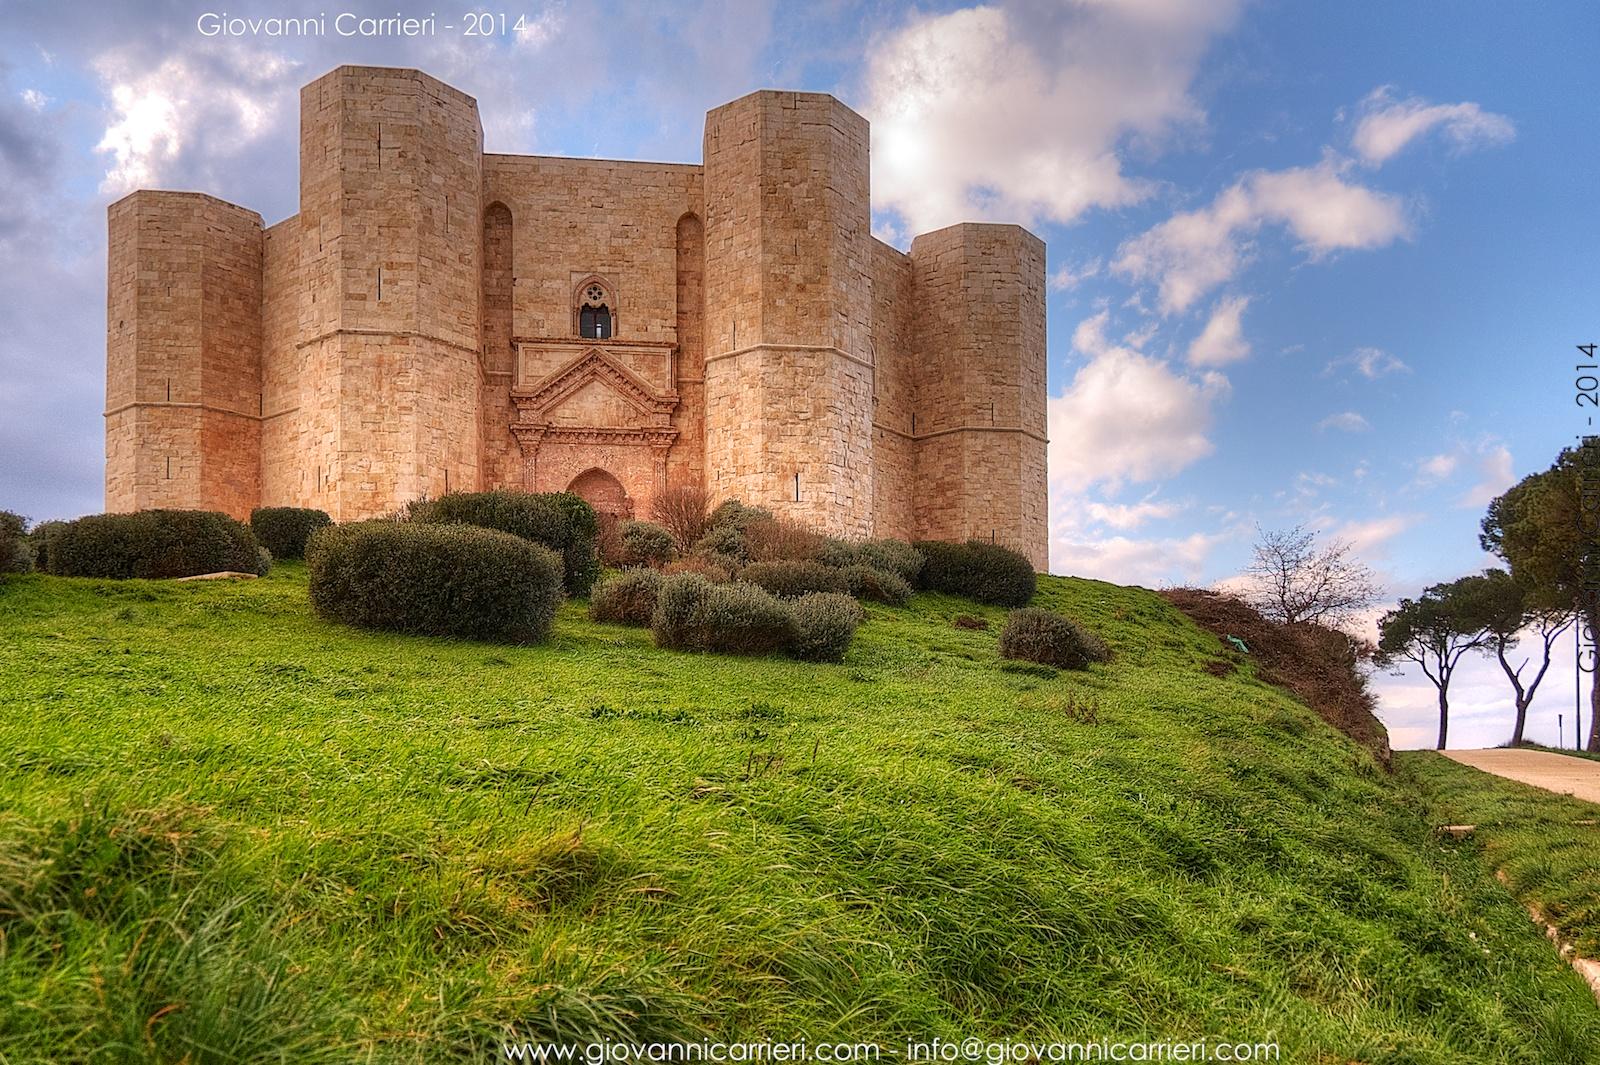 Castel del Monte arroccato